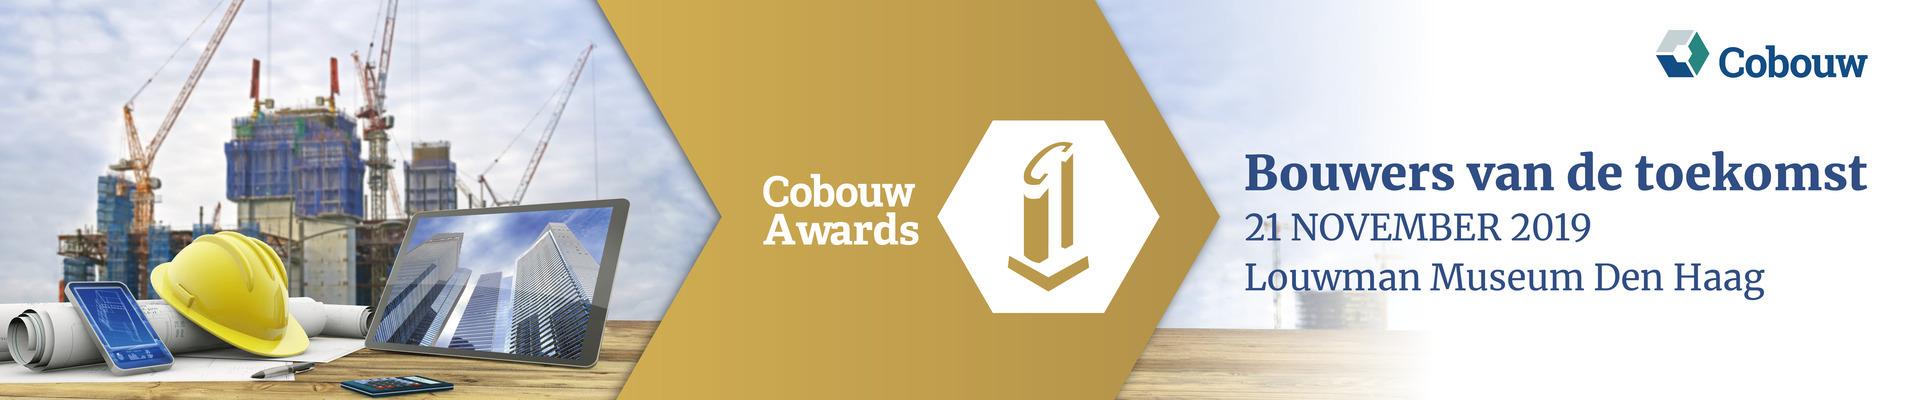 Cobouw Awards 2019